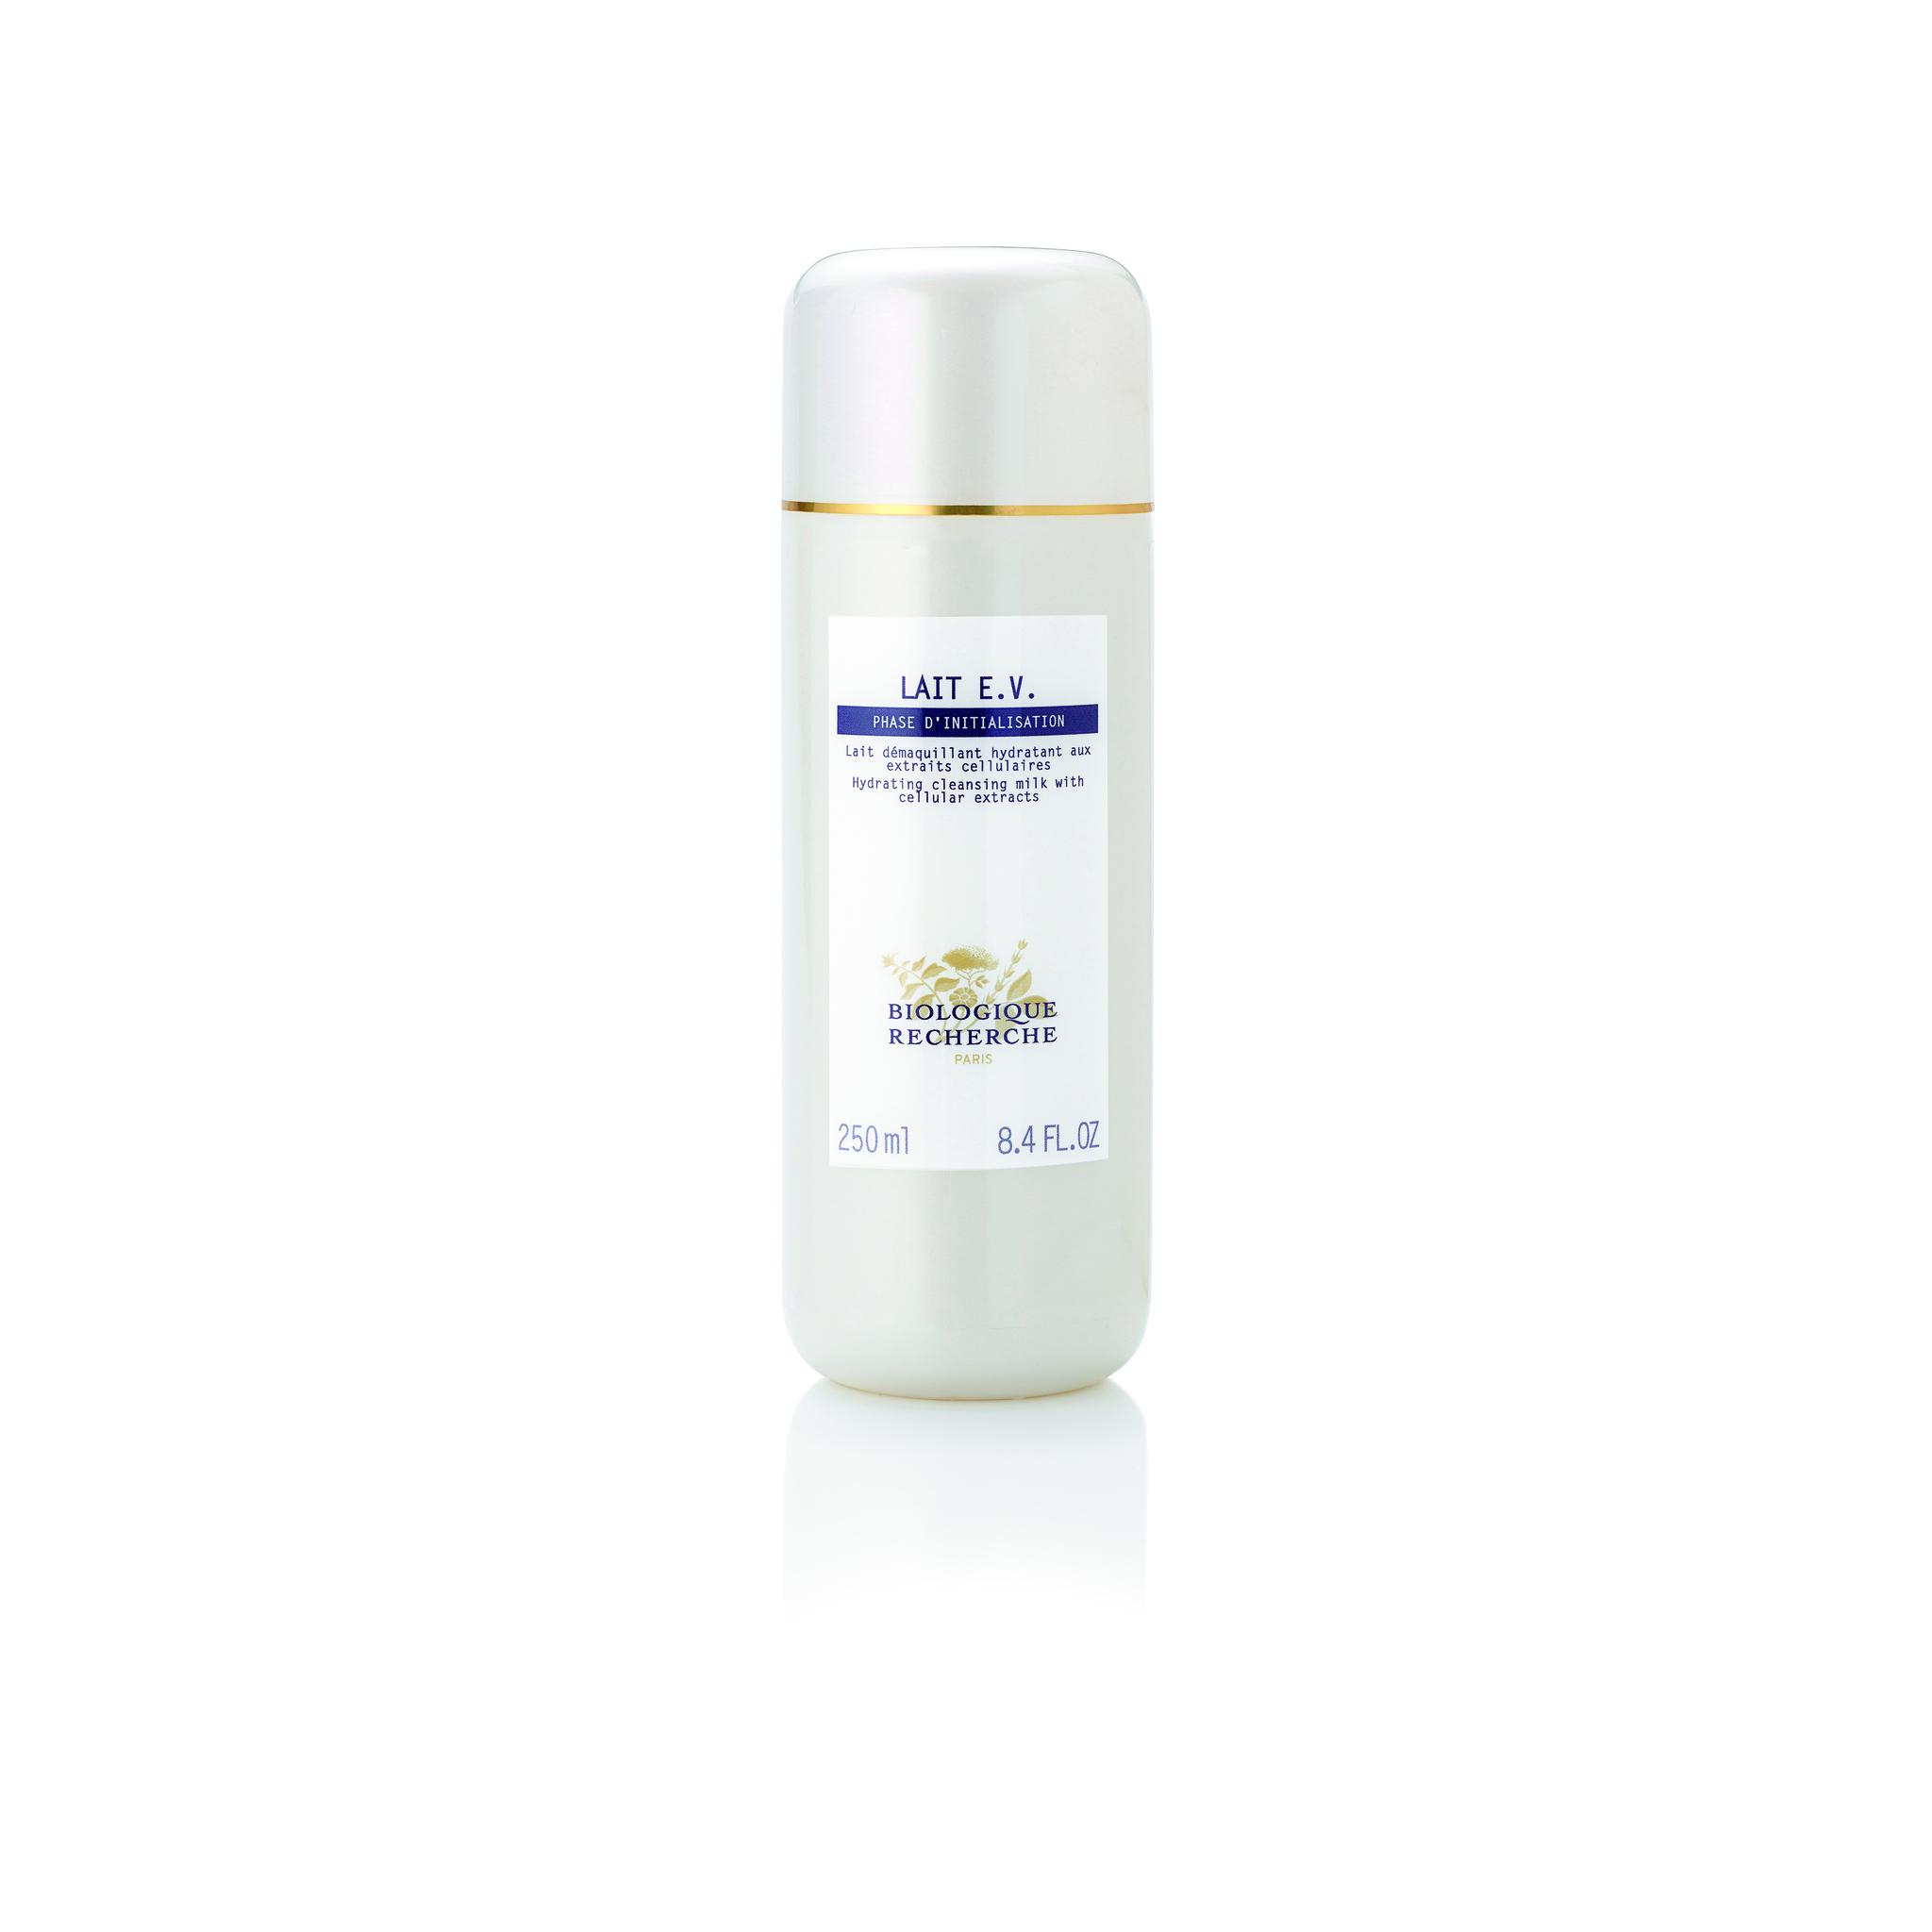 Молочко очищающее для зрелой кожи BIOLOGIQUE RECHERCHE Lait EV 250 мл